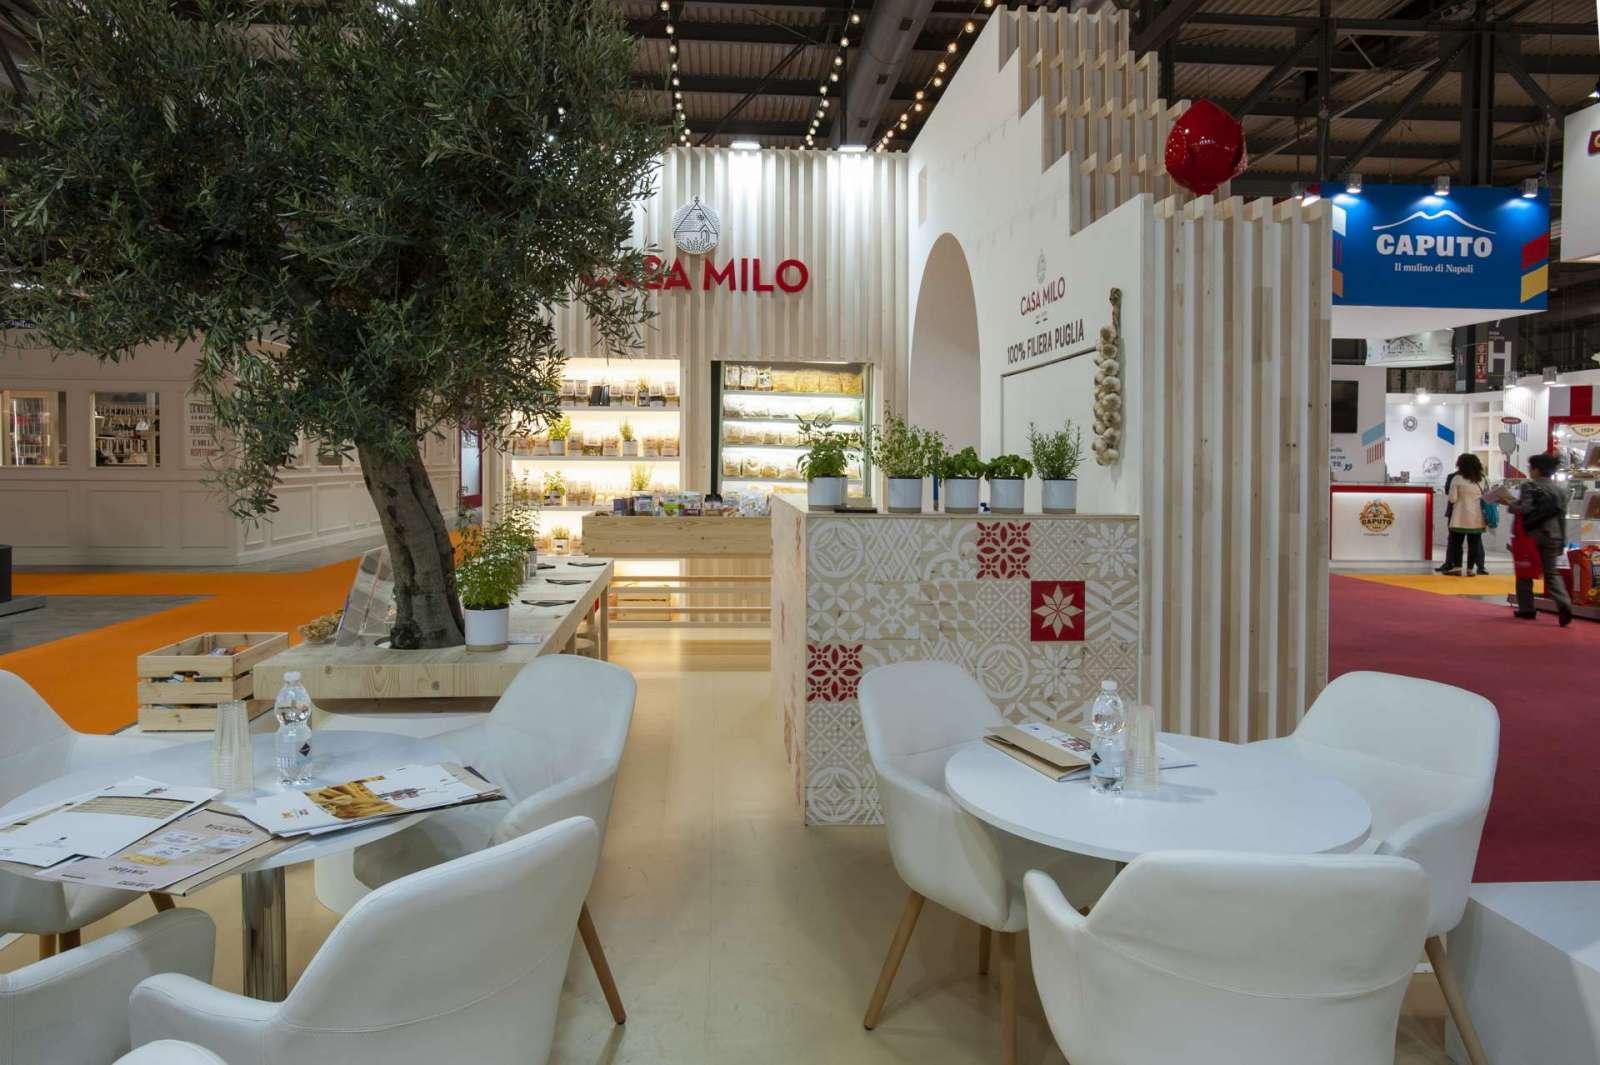 Interno stand personalizzato in legno realizzato per Casa Milo - Foto 2